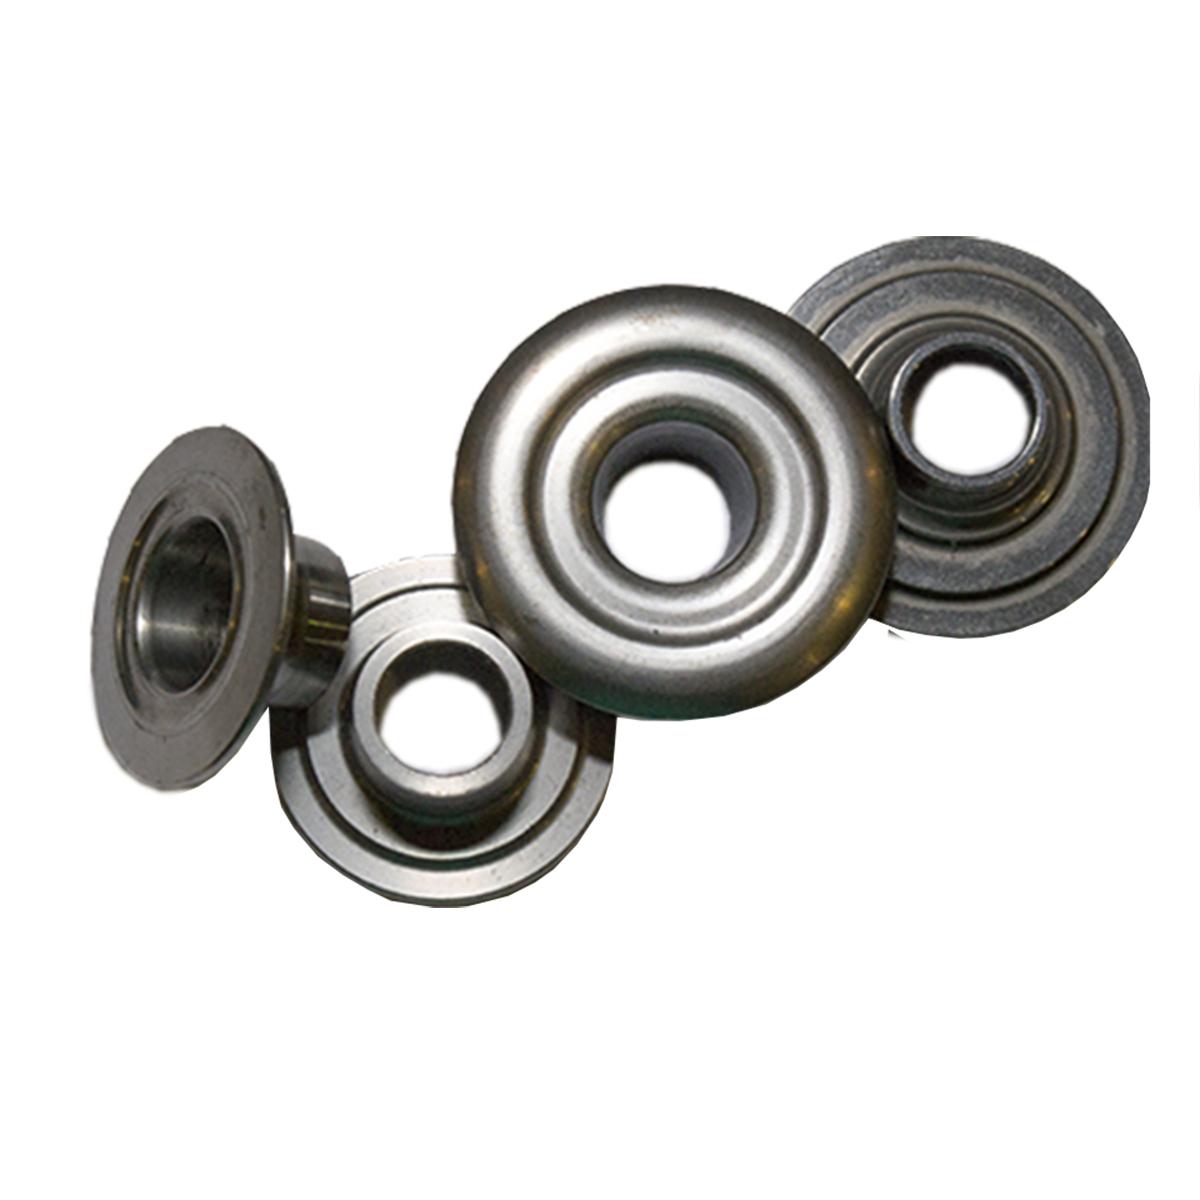 700 Series Endurance Tool Steel